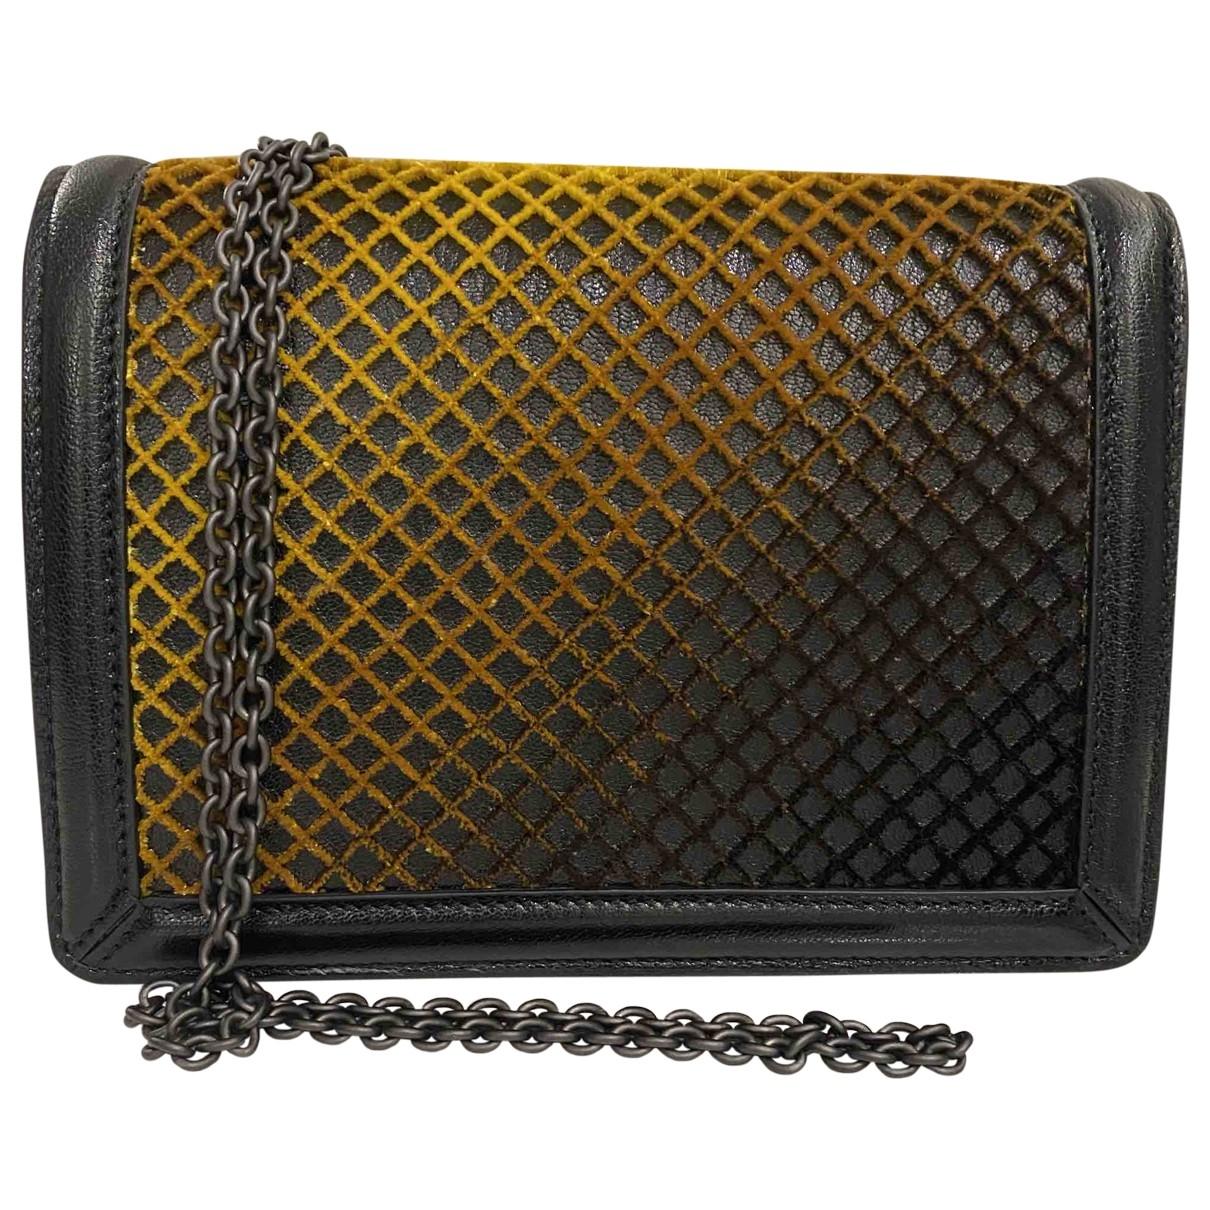 Bottega Veneta - Sac a main   pour femme en cuir - noir